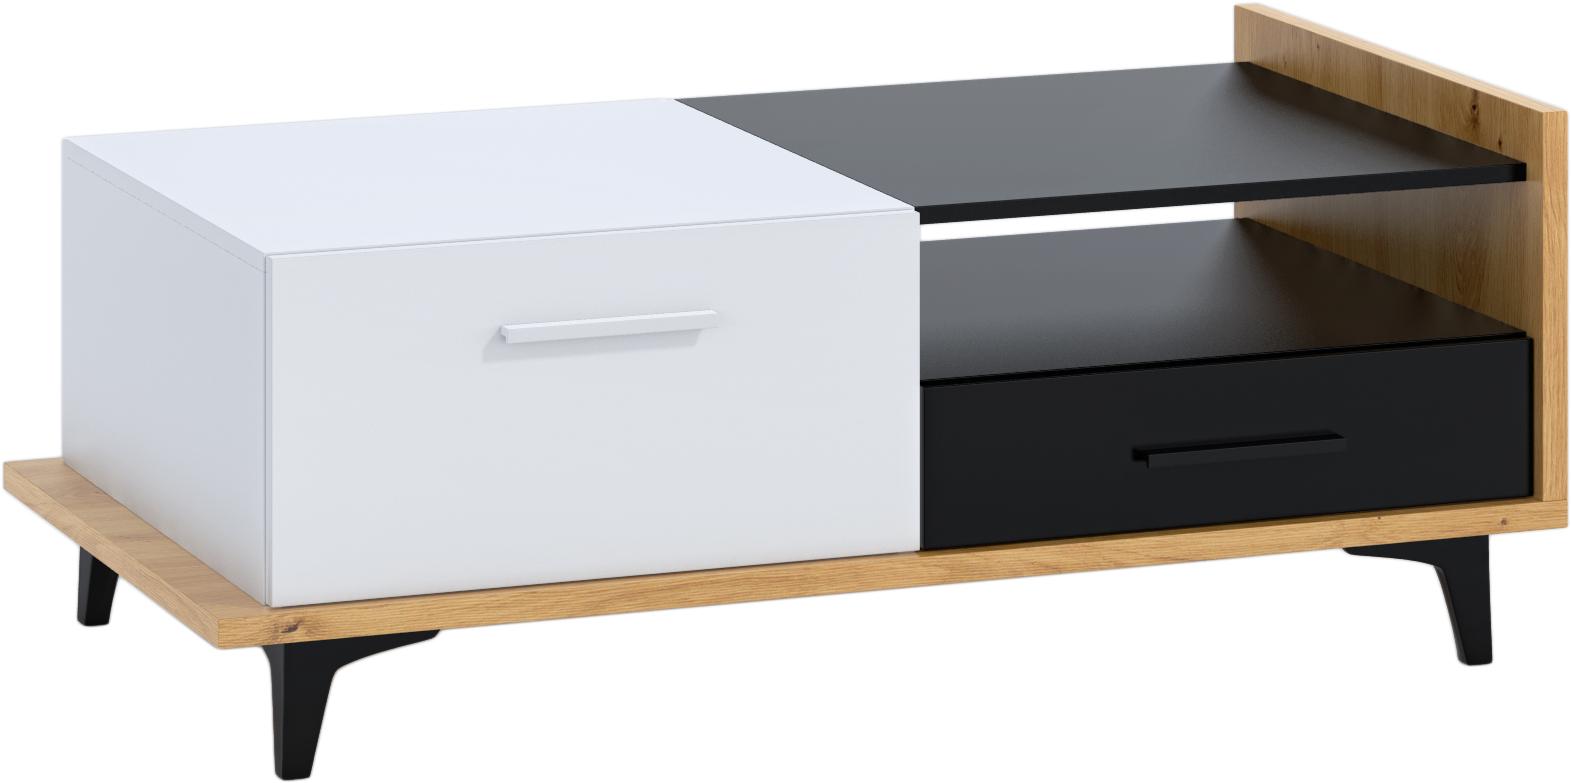 WIP Konferenčný stolík 2D2S BOX-03 Farba: dub artisan / biela / čierna